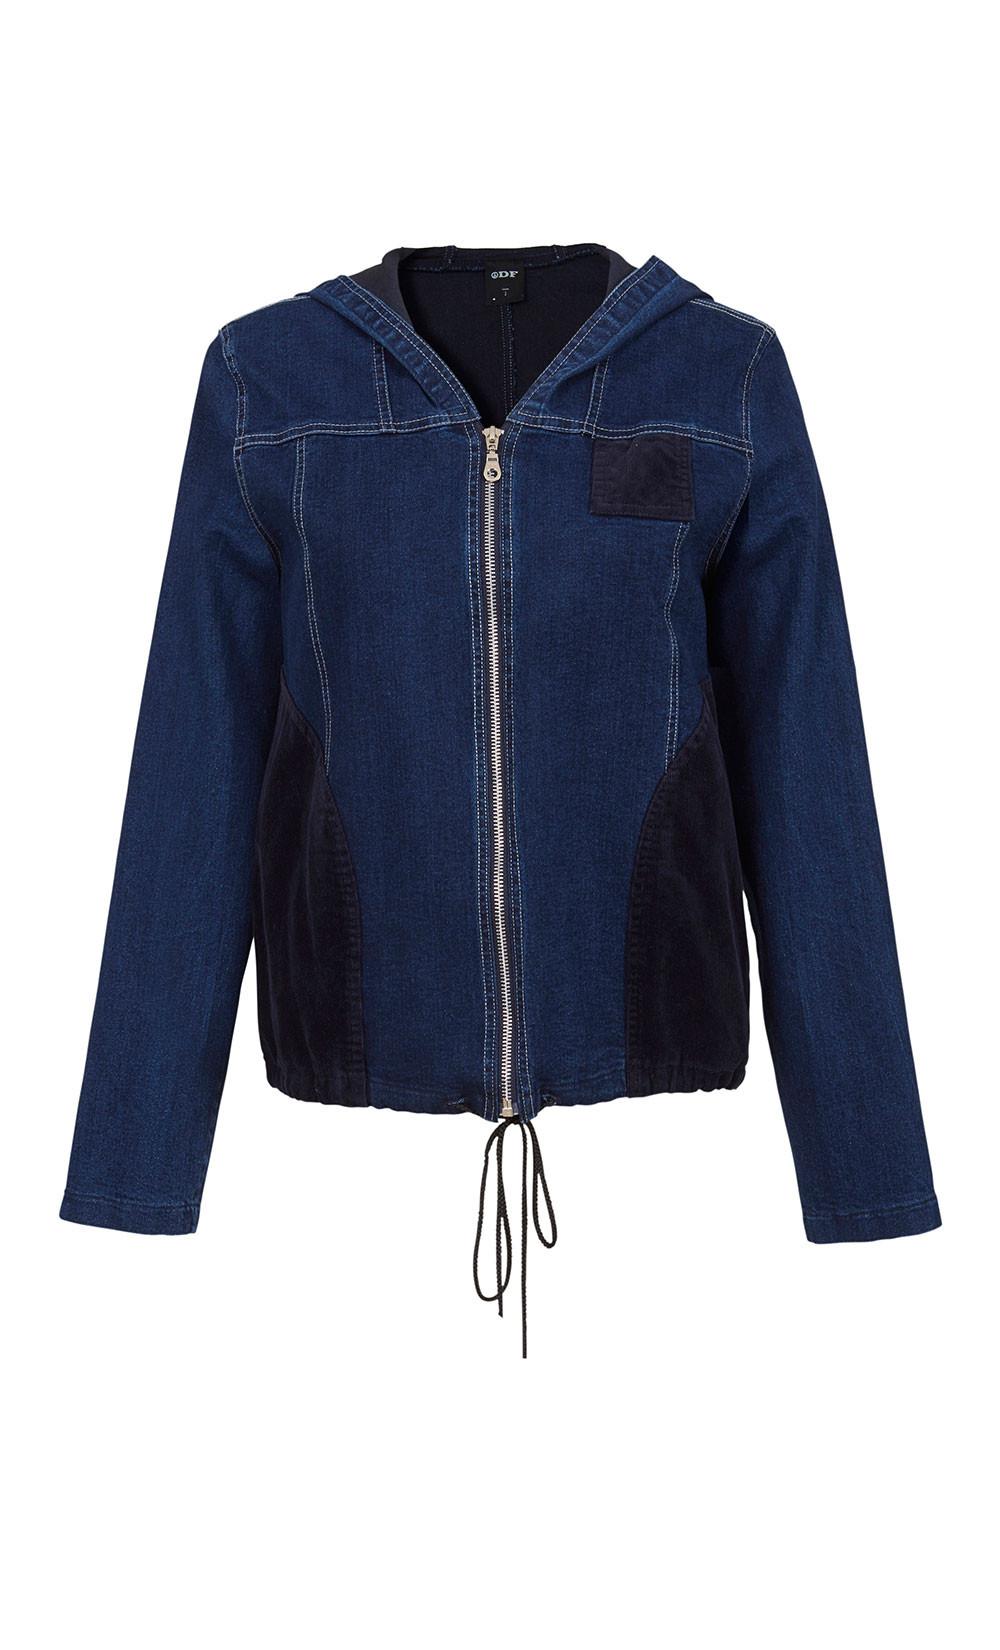 Capa Jeans Jacket